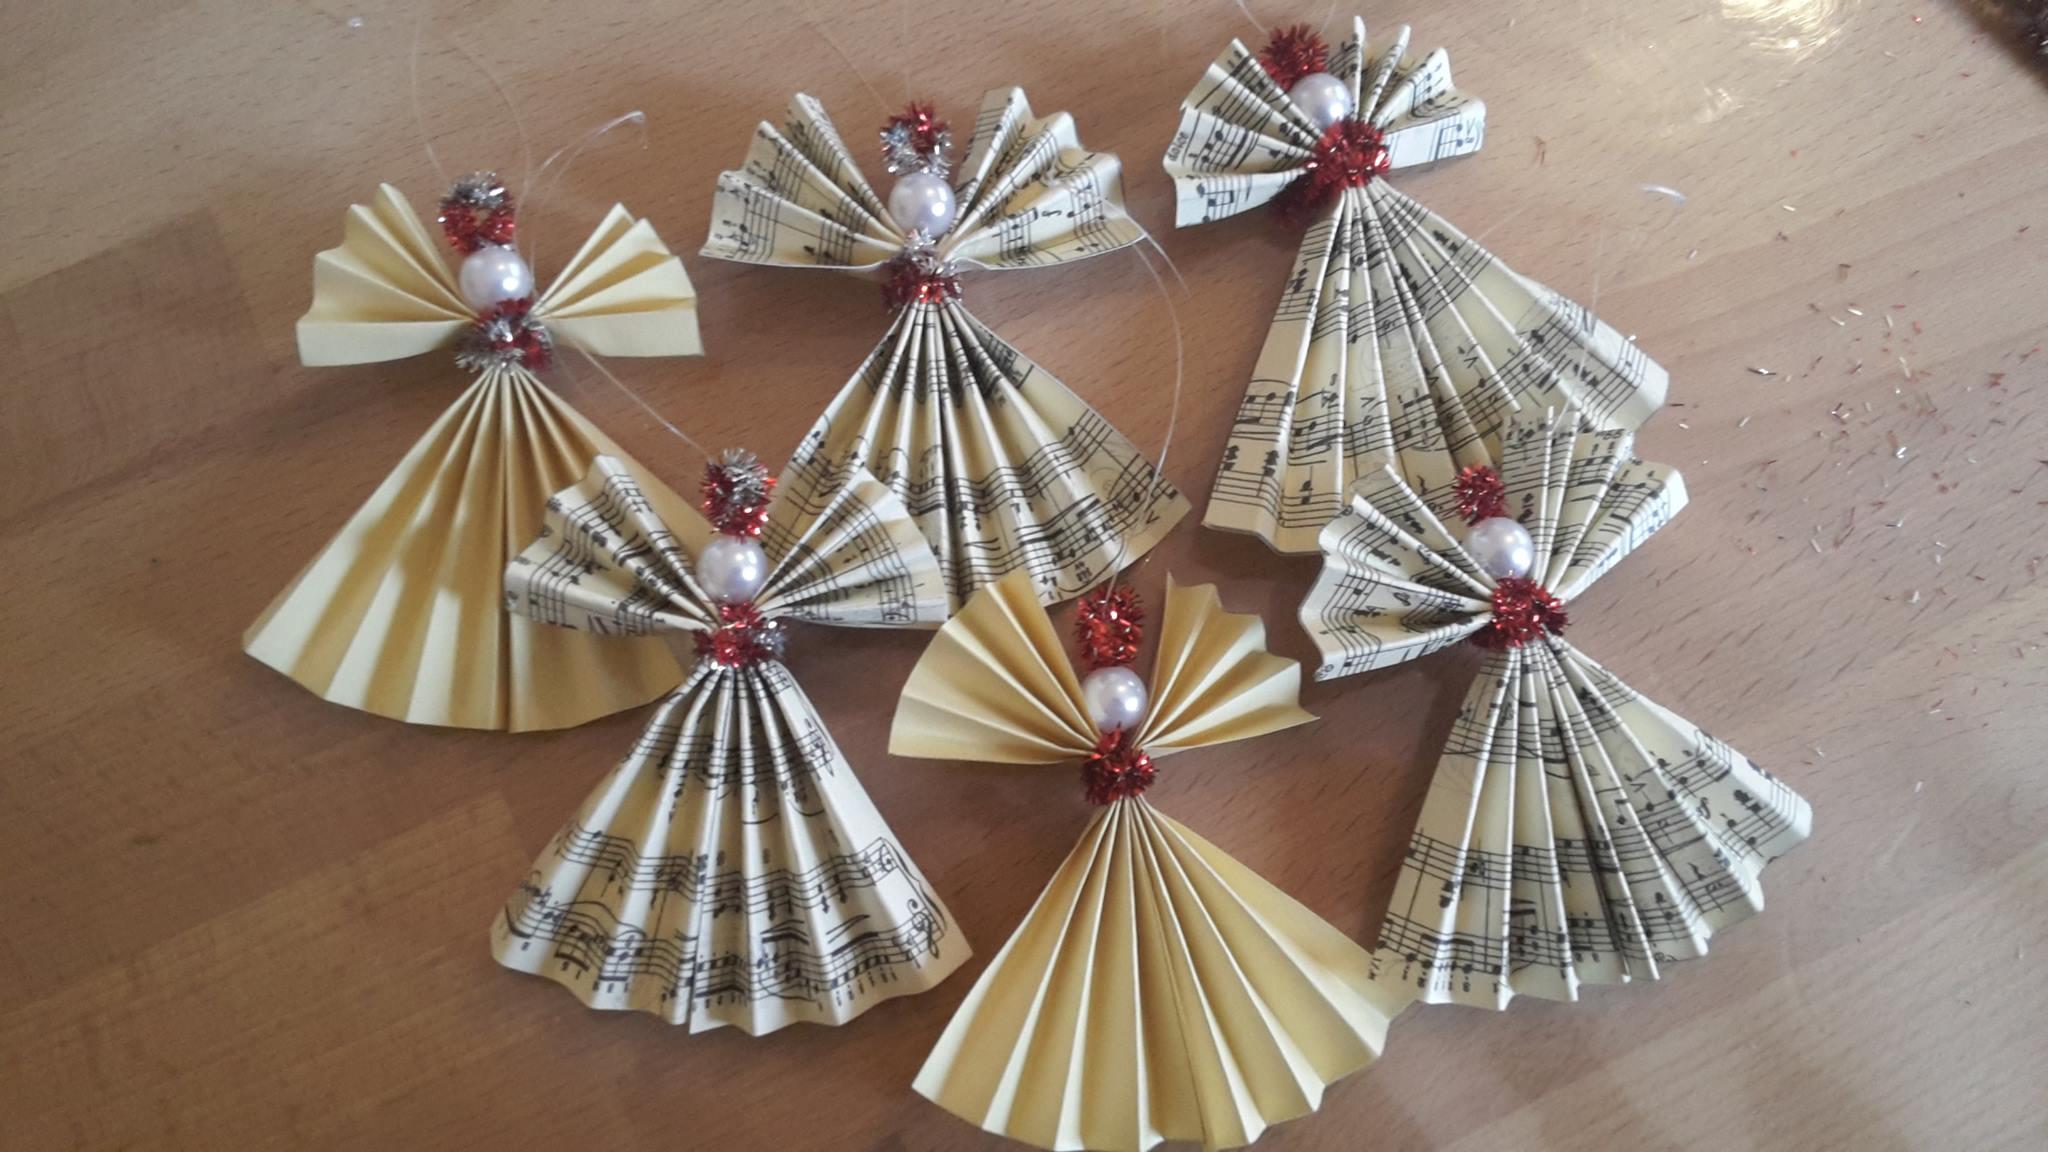 11 adventskalendert rchen weihnachtsengel aus papier gastbeitrag. Black Bedroom Furniture Sets. Home Design Ideas